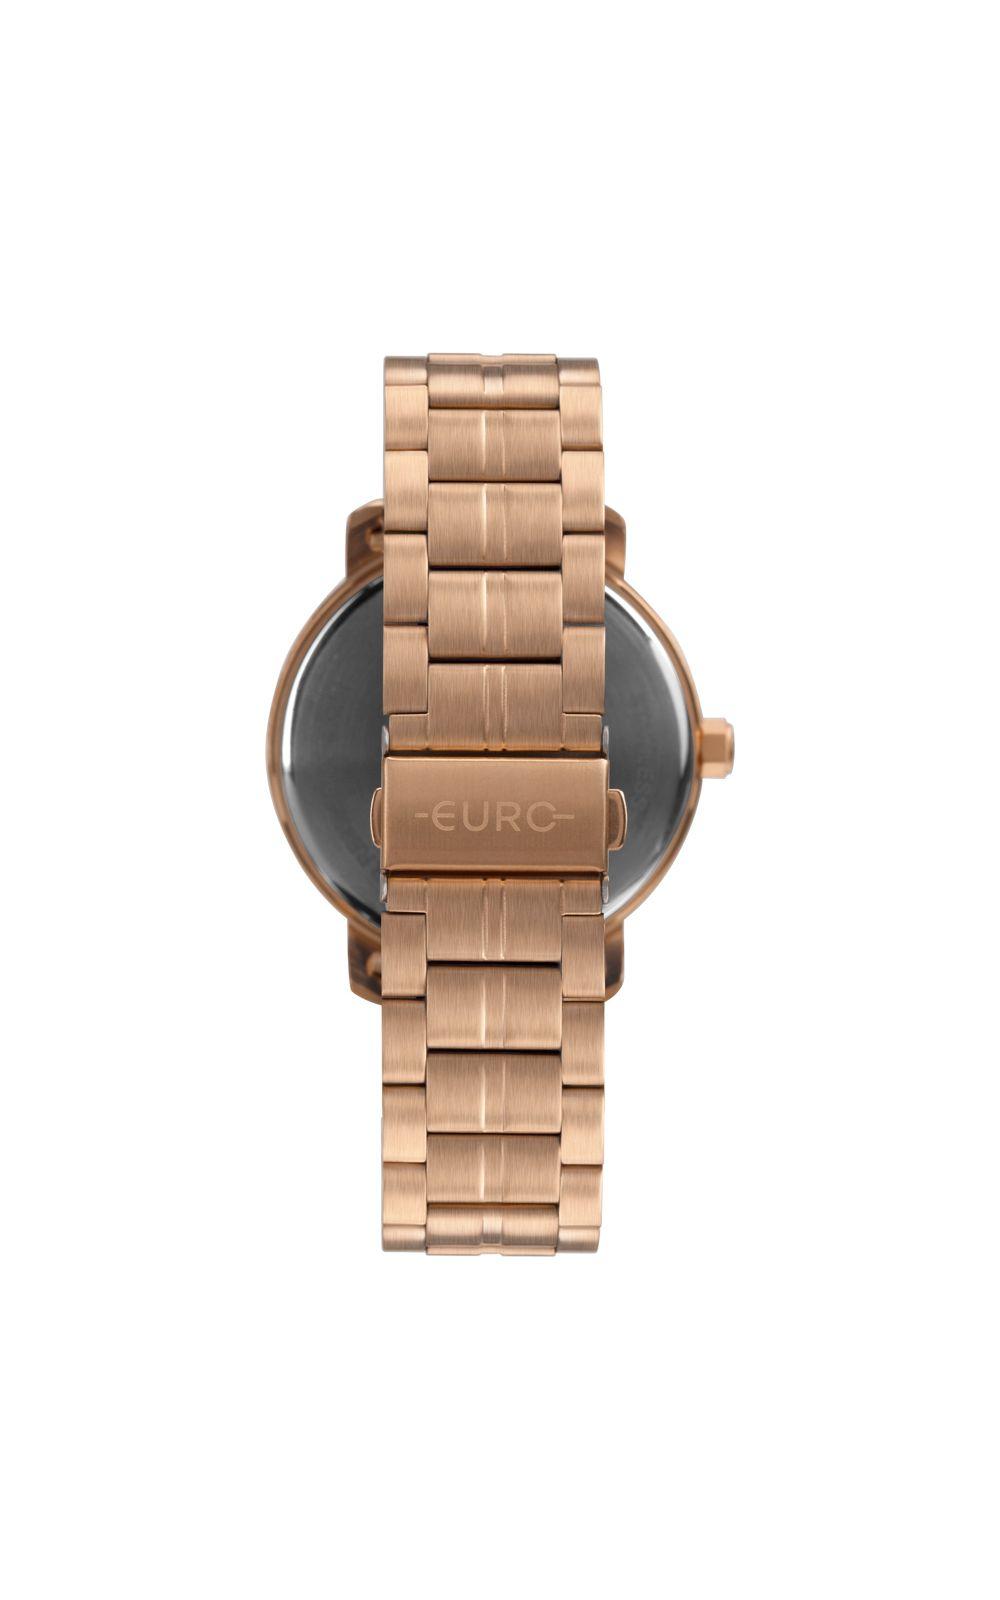 Foto 3 - Relógio Euro Casual Shine Feminino Rosé EU2036YPA/4J